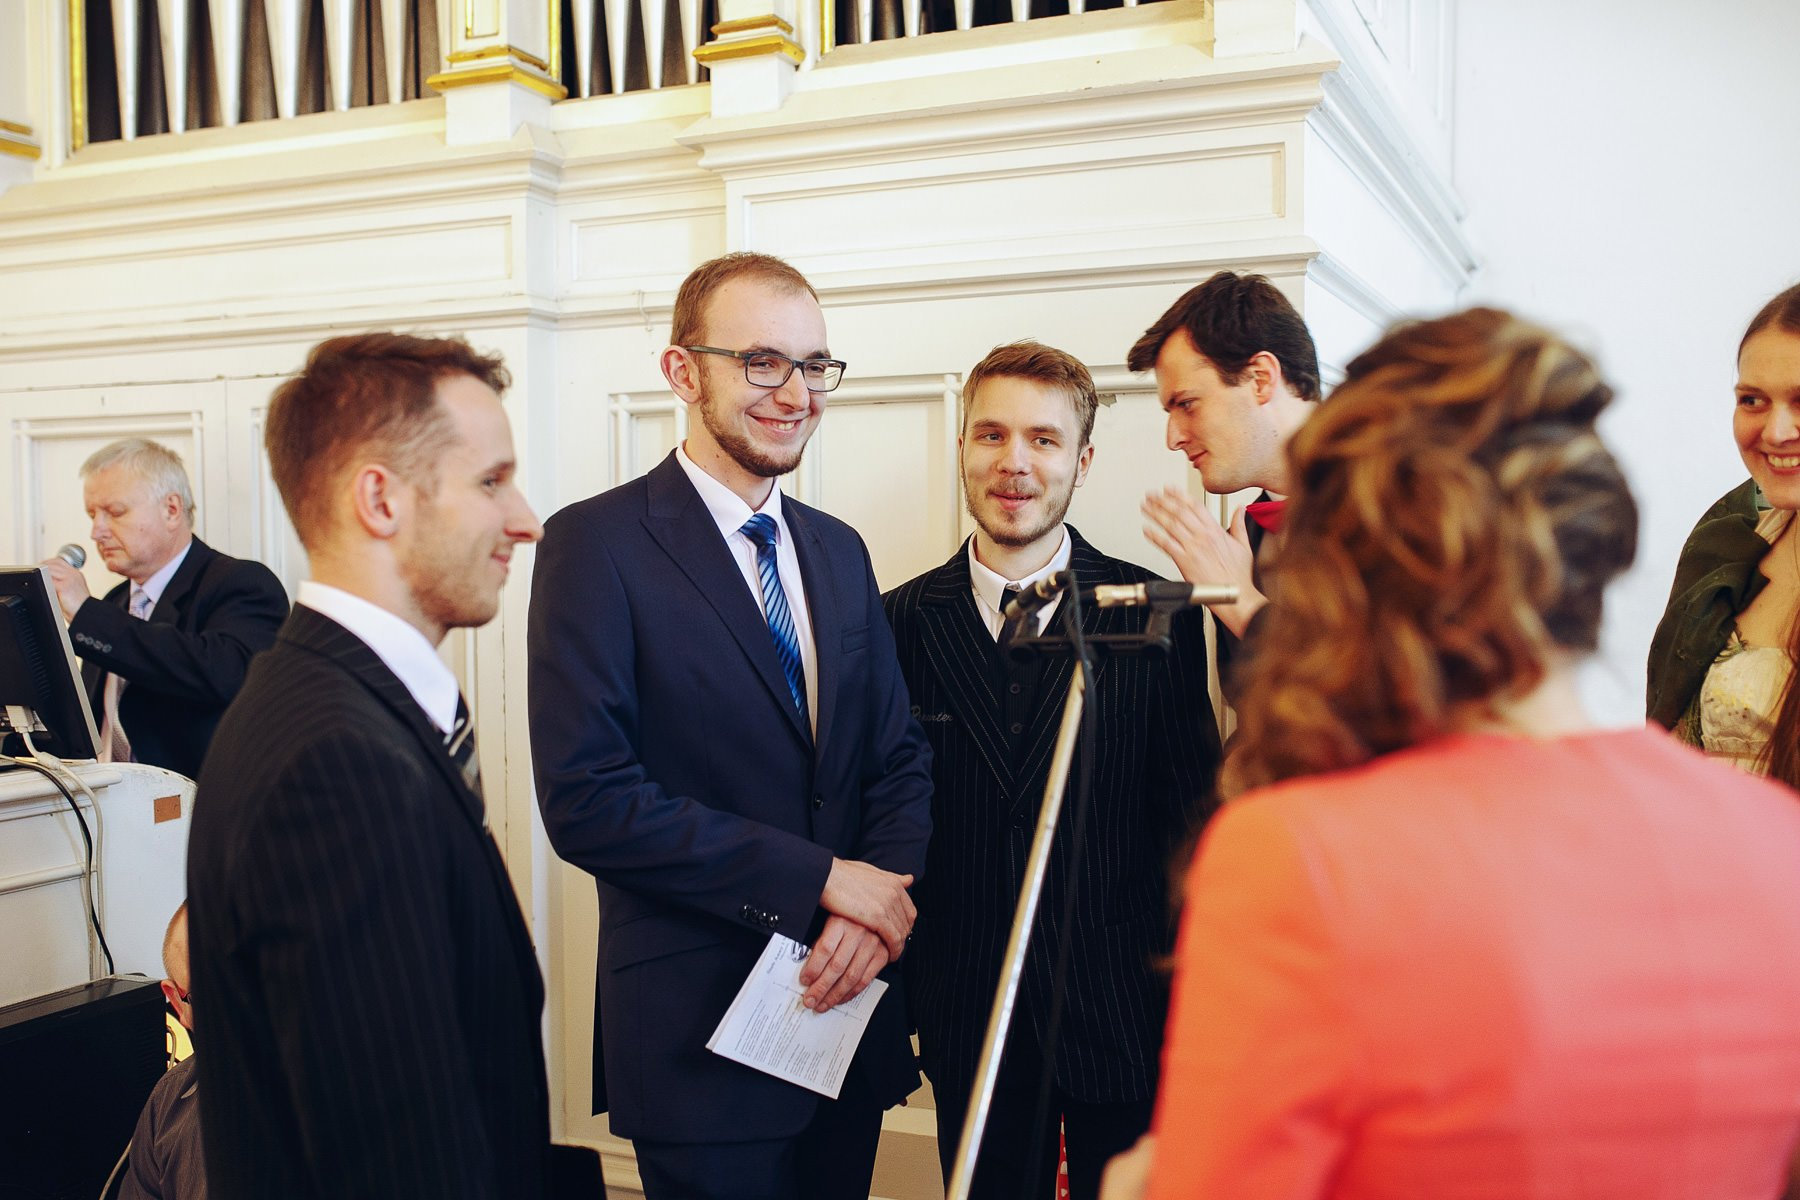 fotograf slub bielsko biala ania maciej 47 - Ślub w Bielsku-Białej - ANIA & MACIEJ